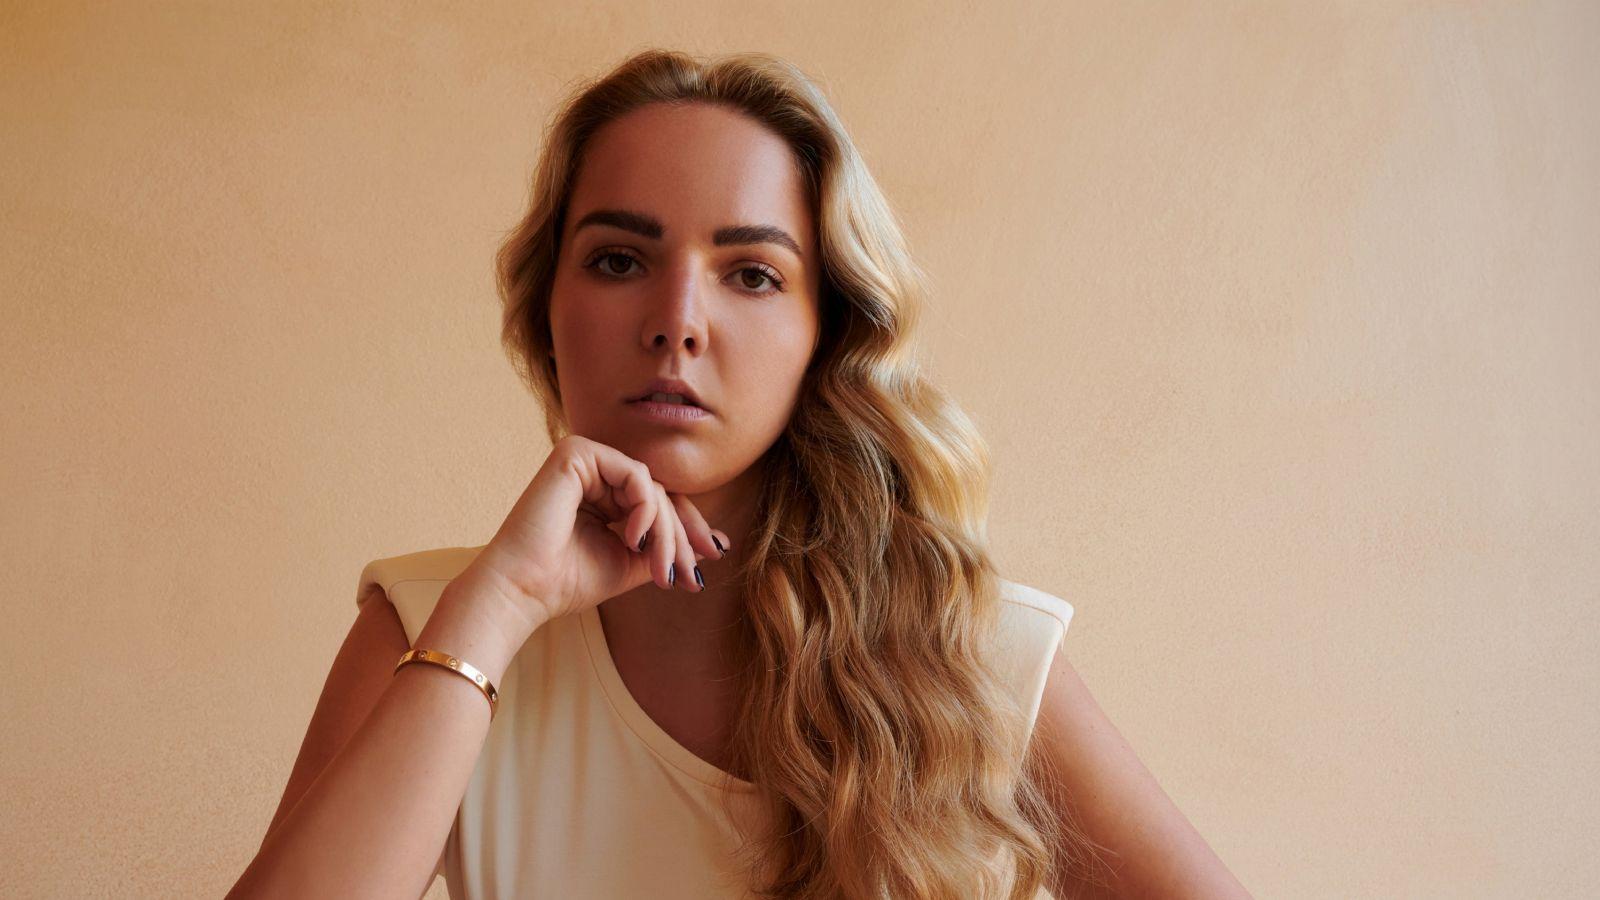 Swarovski-Erbin Marina Raphael: Ihre 5 Top-Picks für moderne Eleganz